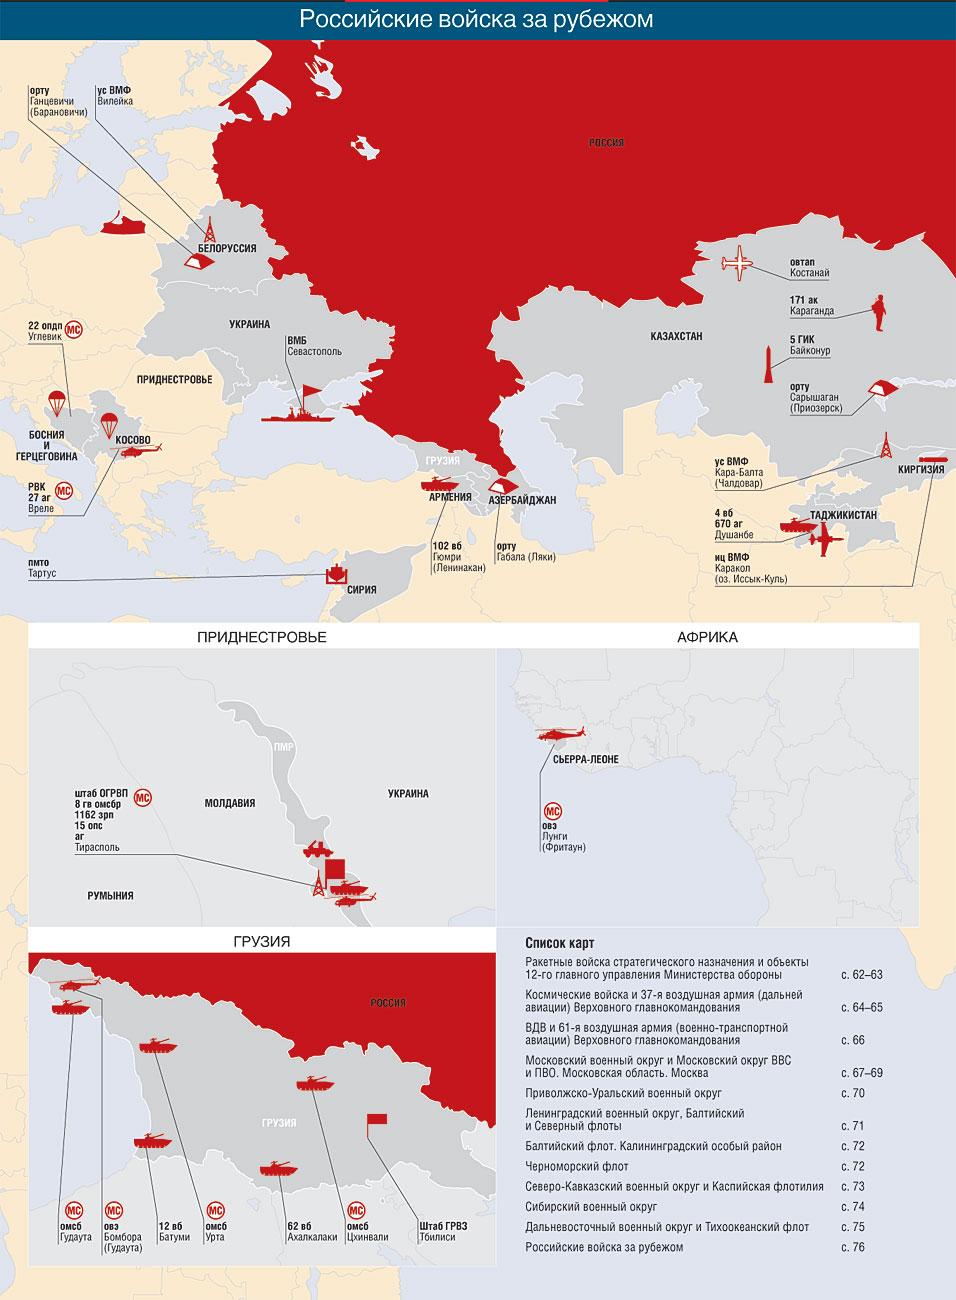 Российские войска за рубежом